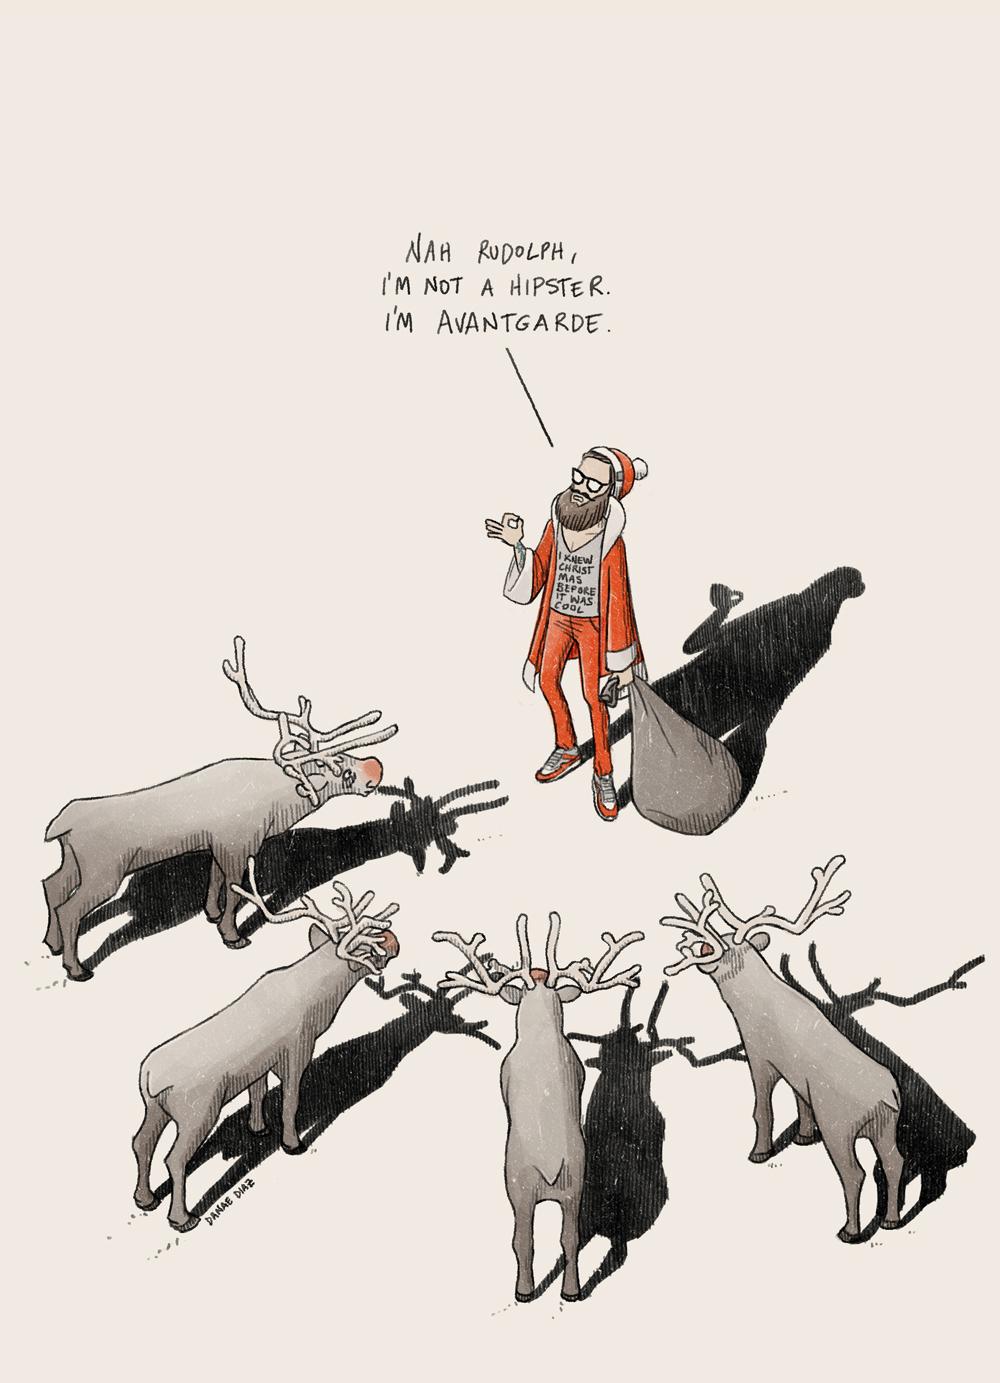 Hipster santa reindeers for Avantgarde Agency by Danae Diaz